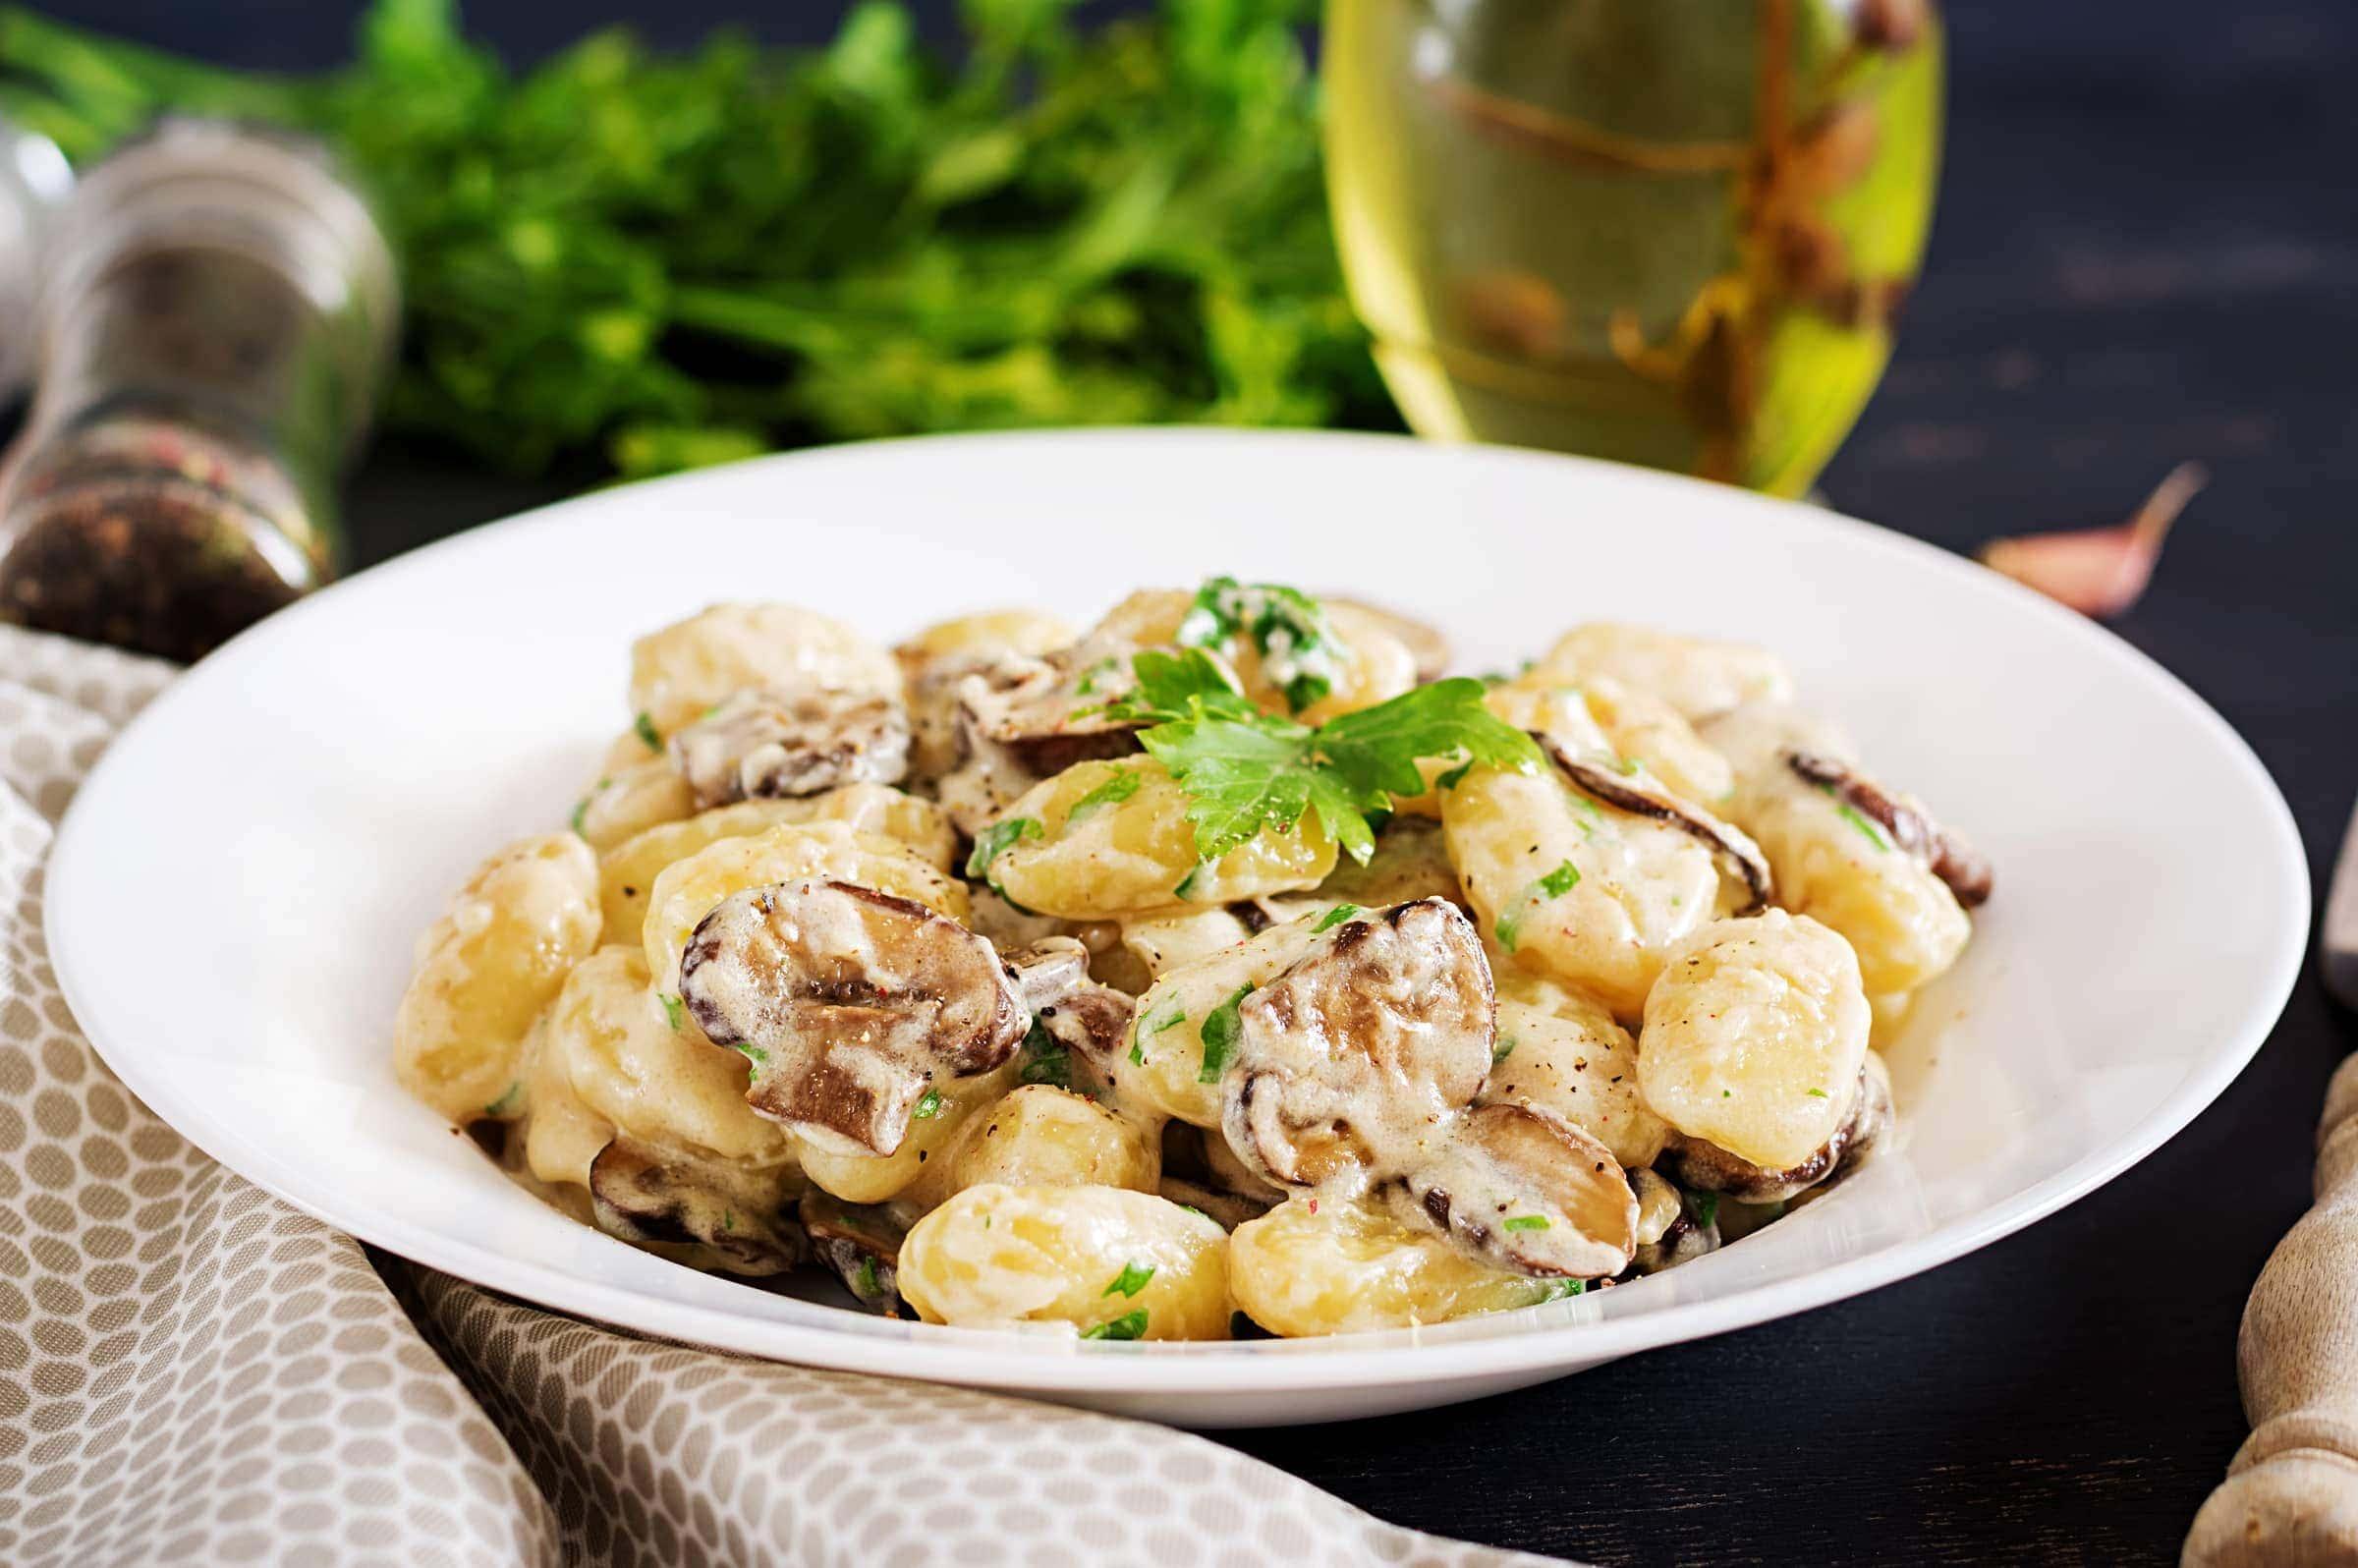 Ricette Gnocchi Con Funghi.Rblrcaets2pegm